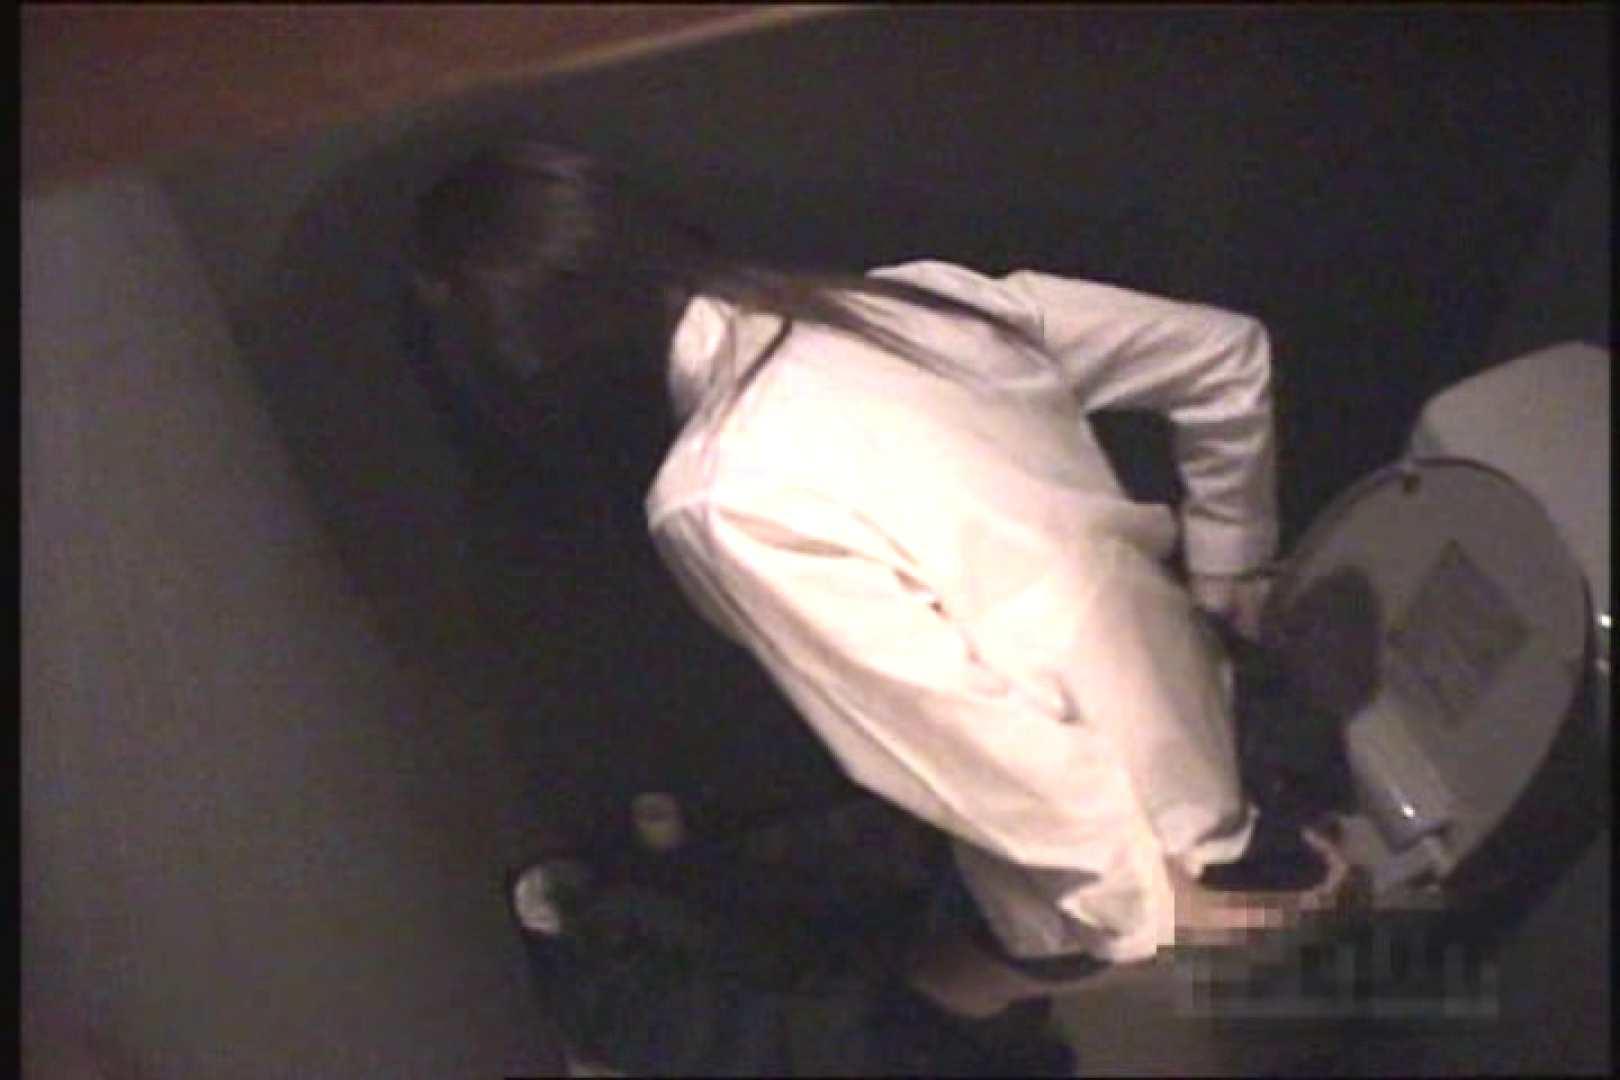 ギリギリアウトな嬢達Vol.8 洗面所はめどり オマンコ無修正動画無料 99画像 53